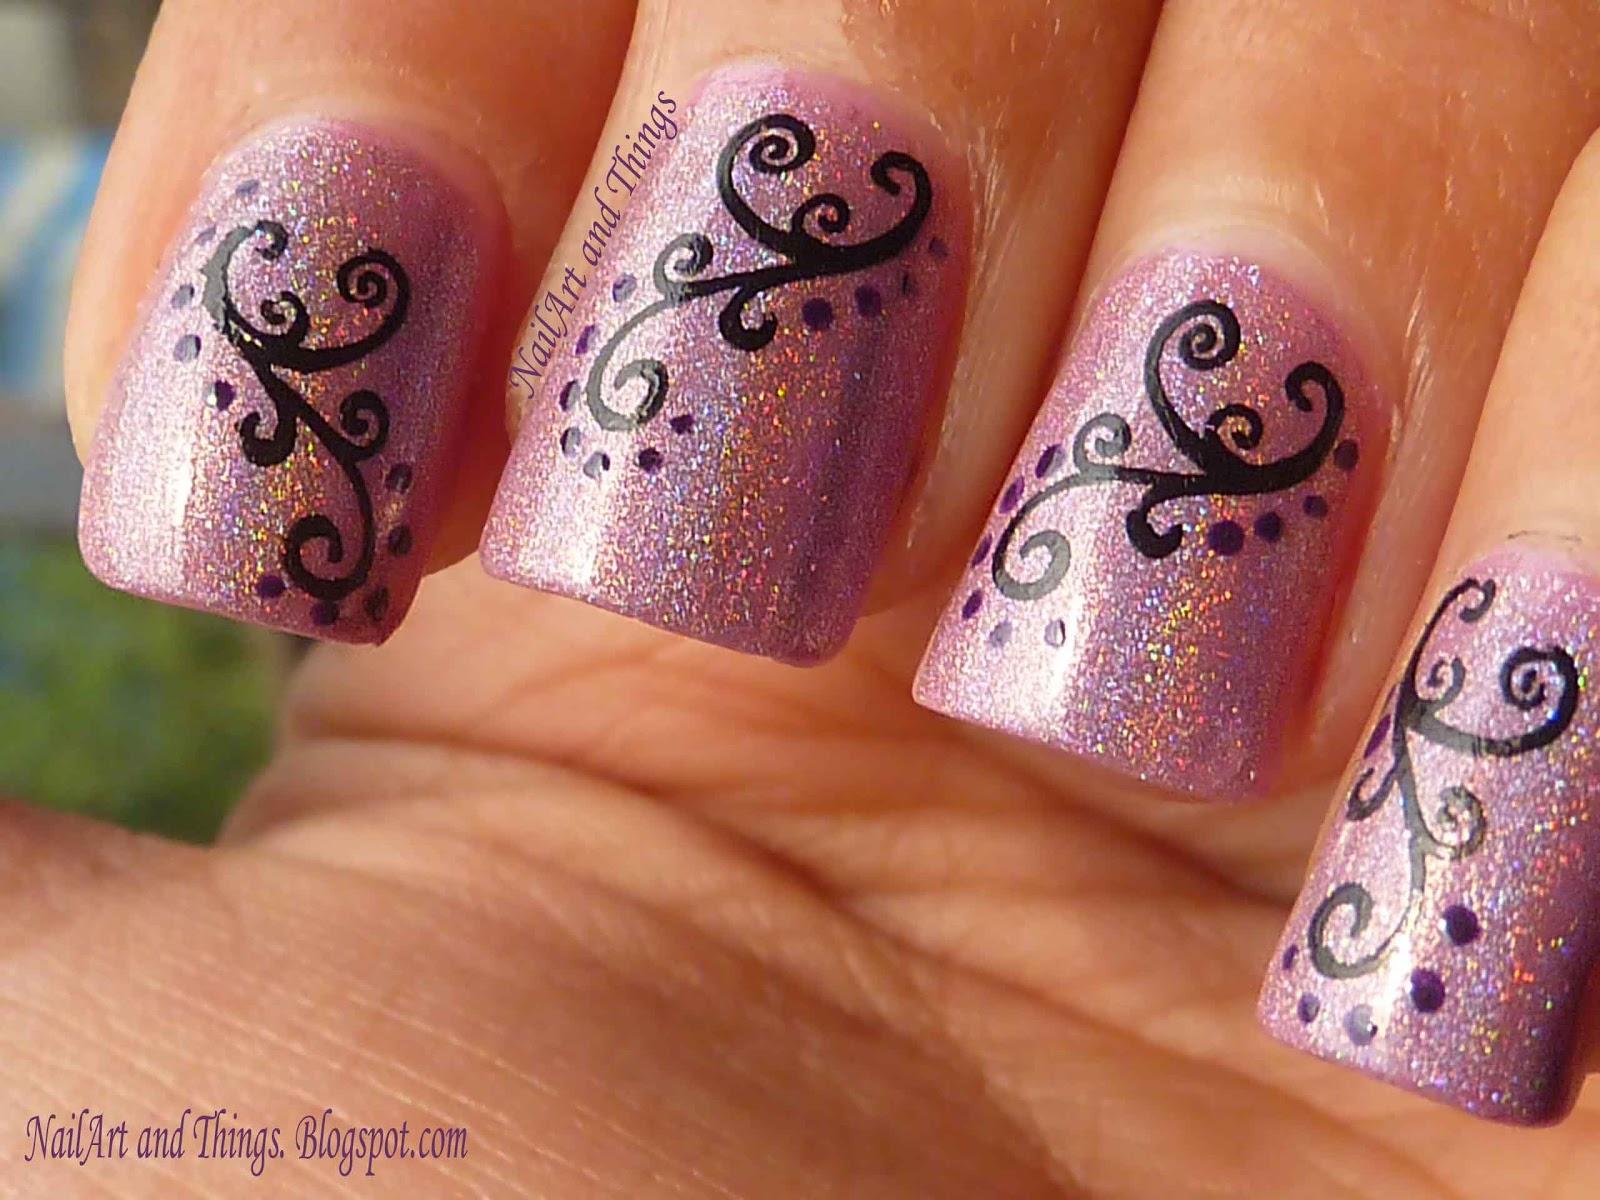 Nail Art Pre and Post Bridal 1600x1200